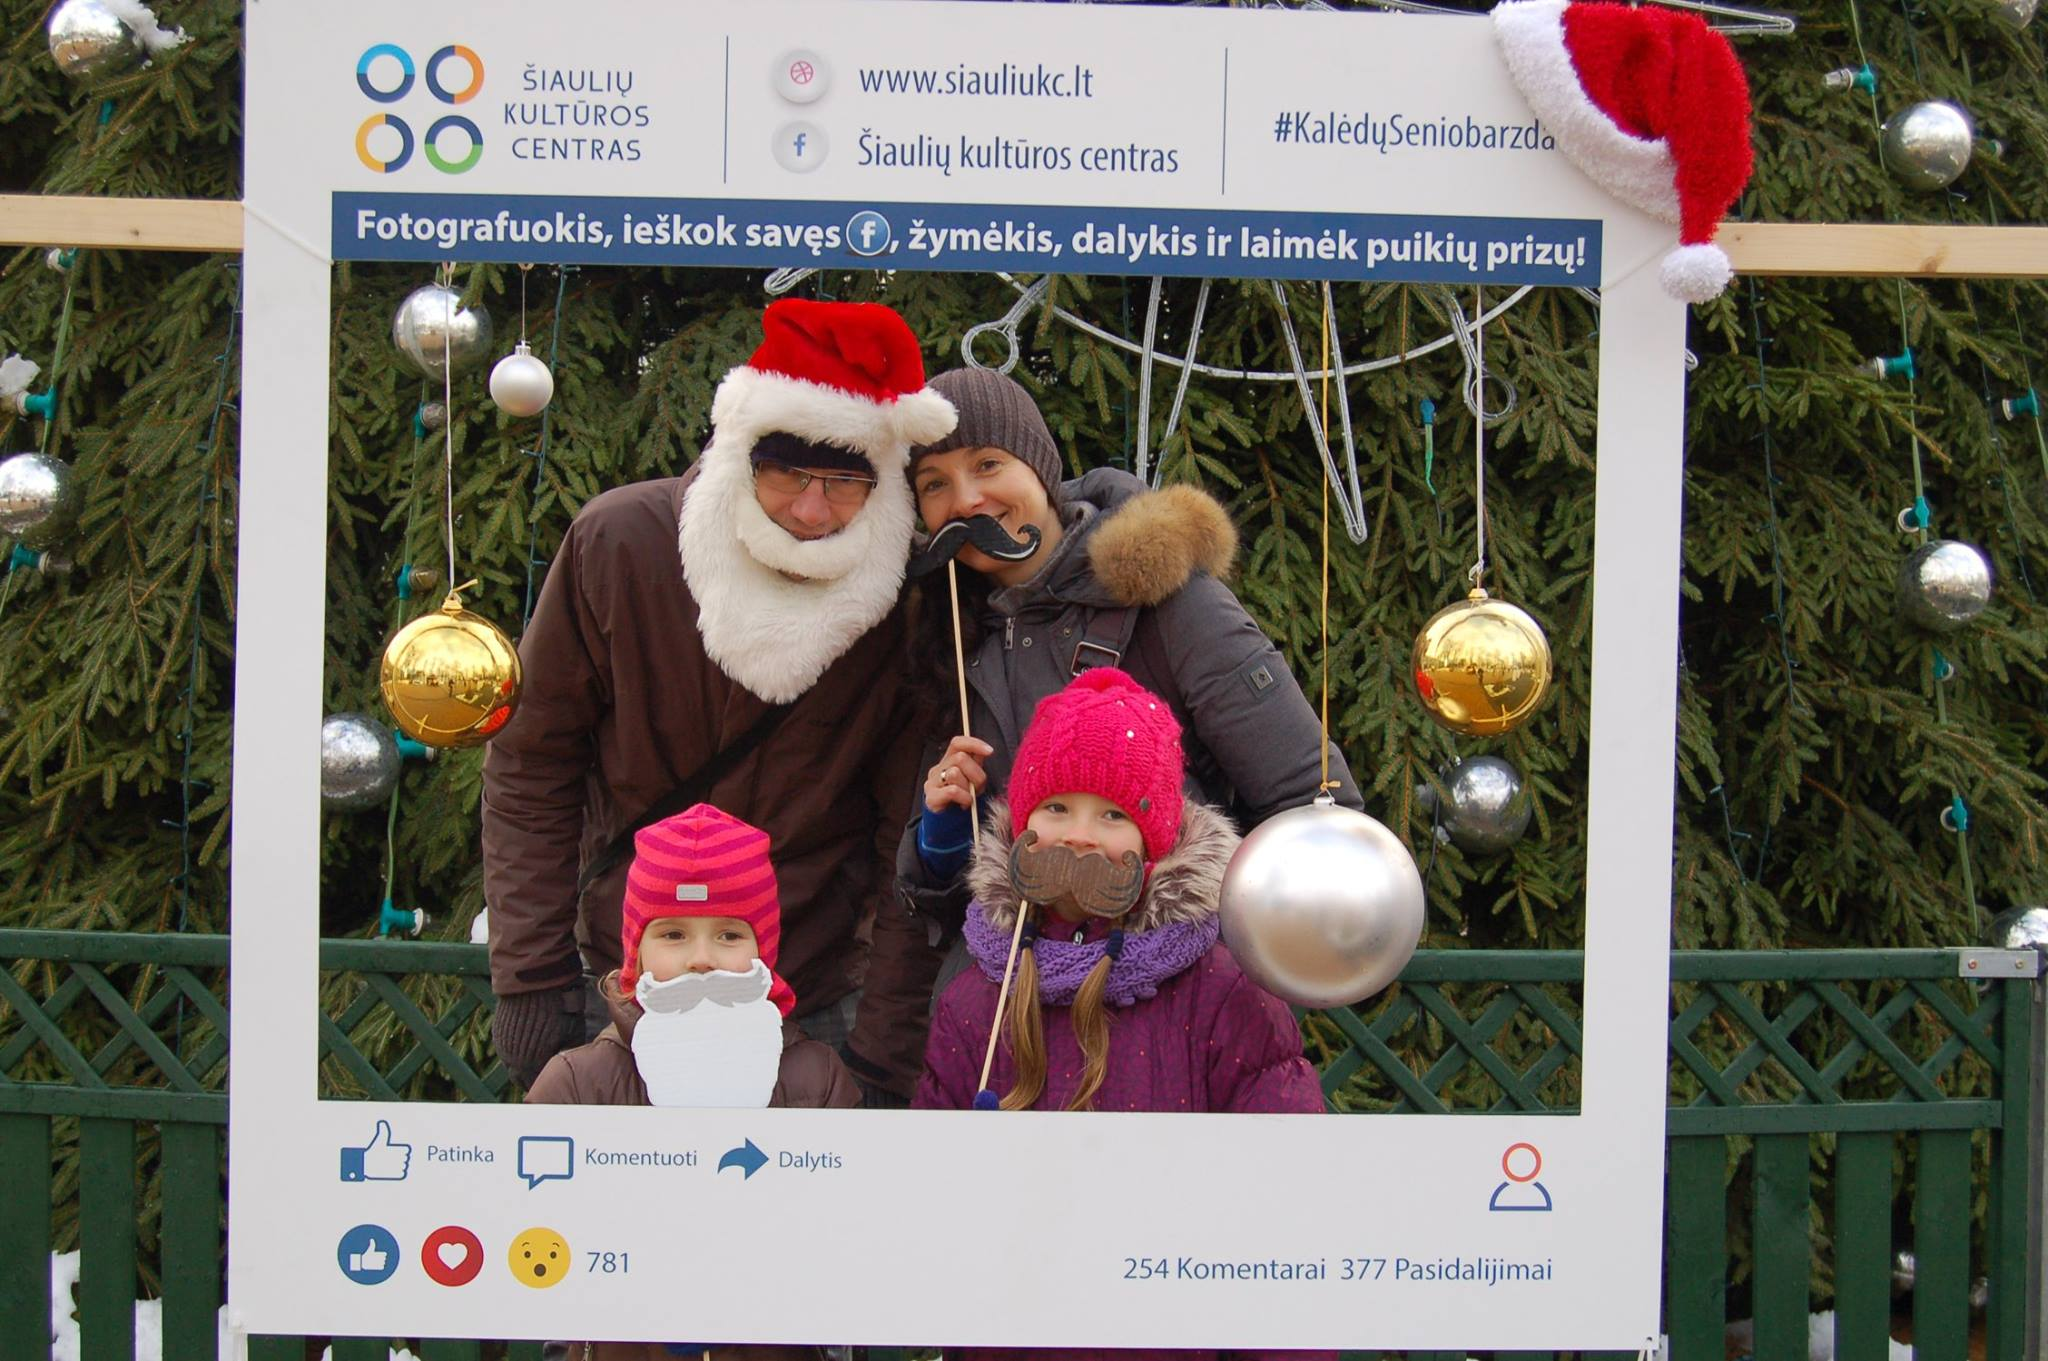 """Konkursas """"Kalėdų Senio barzda"""" miestiečiai kviečiami įsiamžinti su barzdomis"""